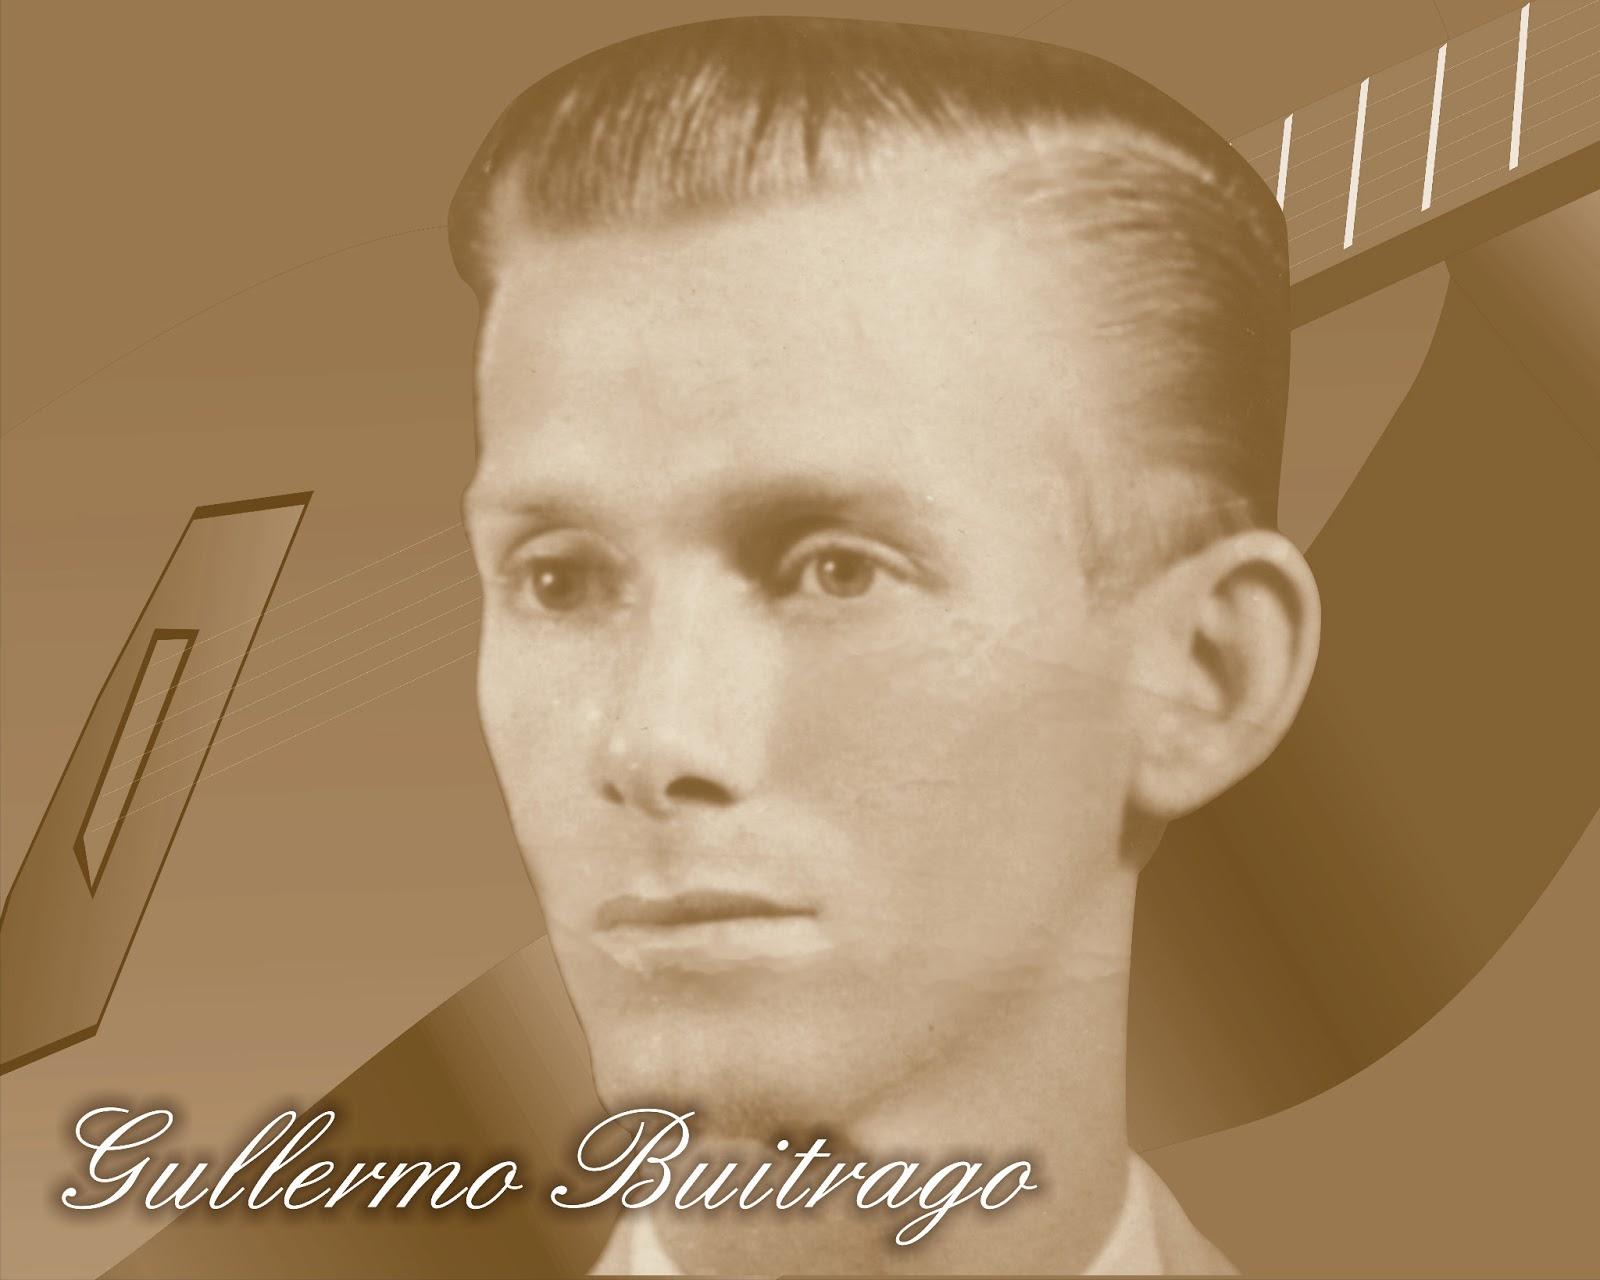 Guillermo Buitrago05